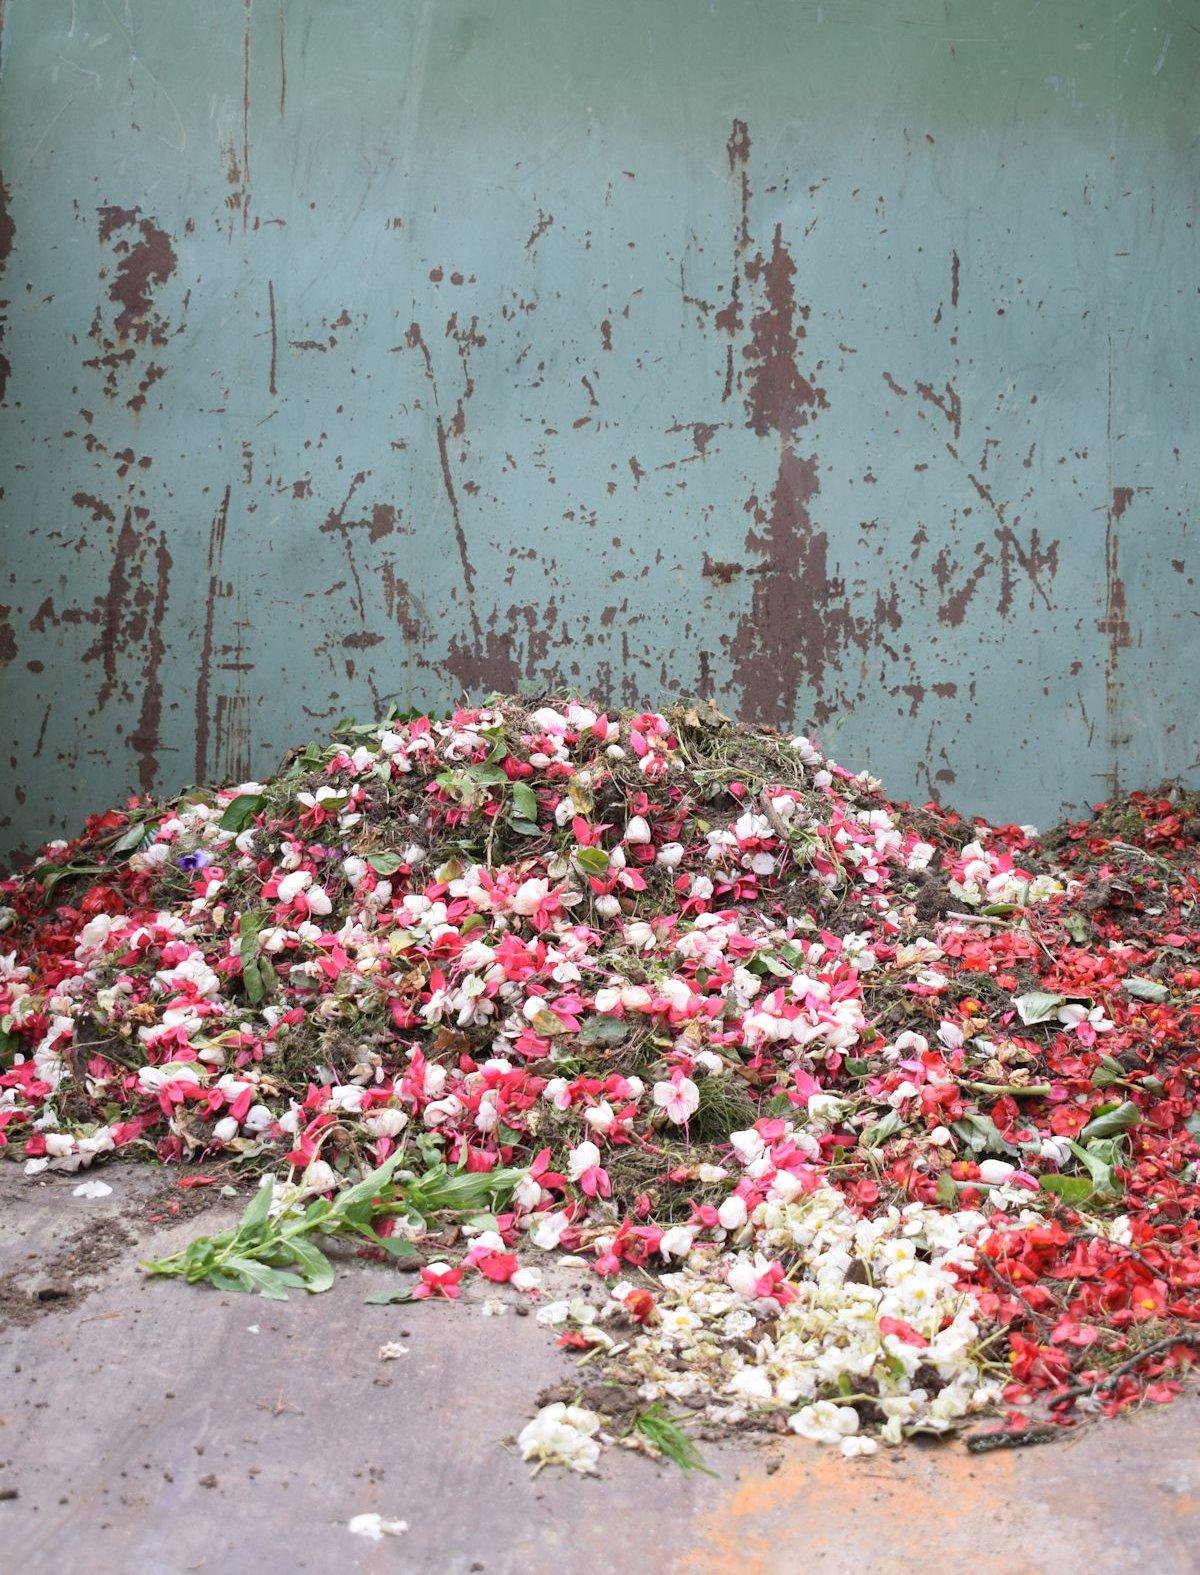 Kukan terälehtiä roskiksessa.